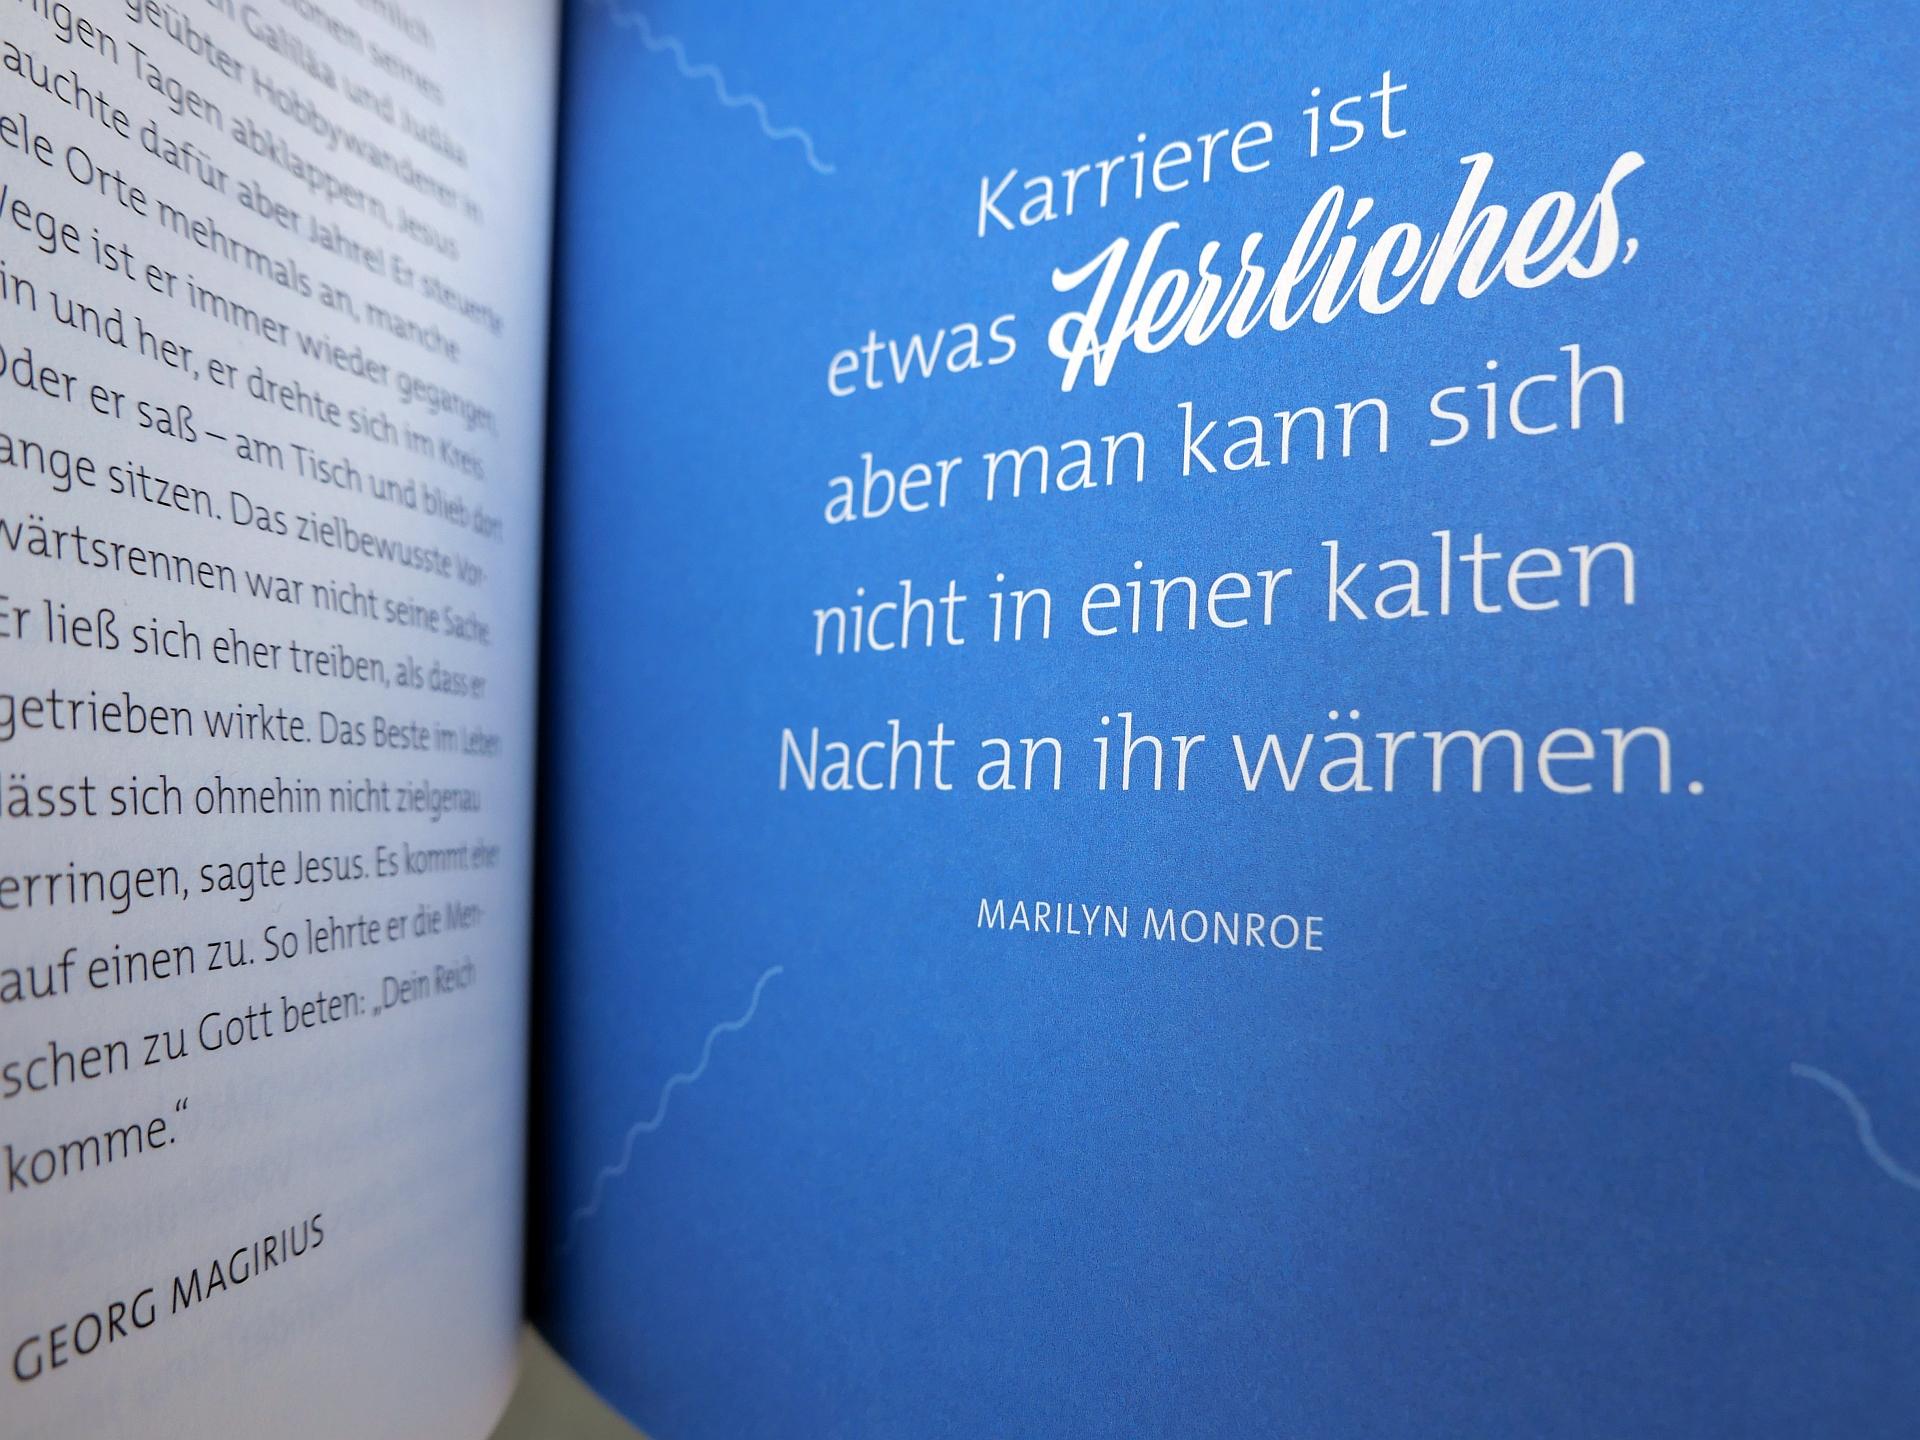 Worte Marilyn Monroes über den Sinn der Karriere